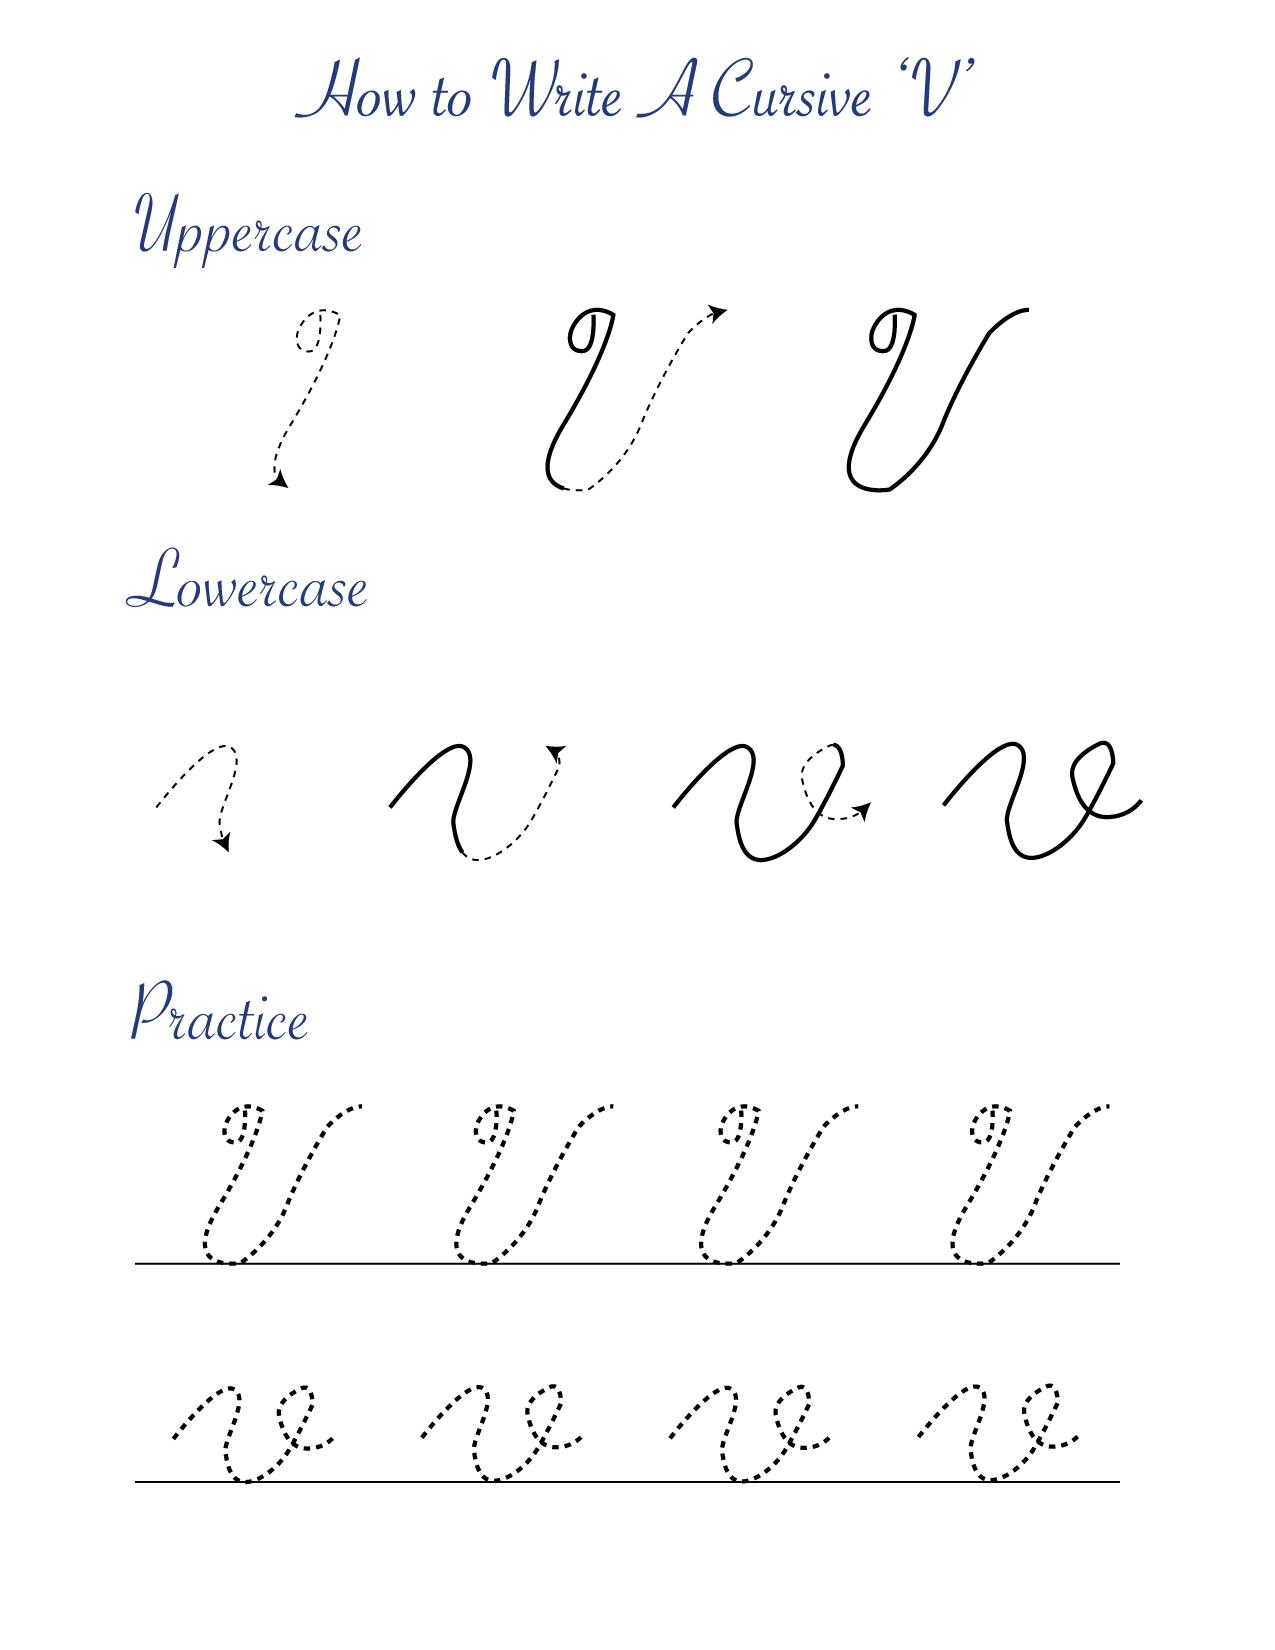 How to write a cursive V